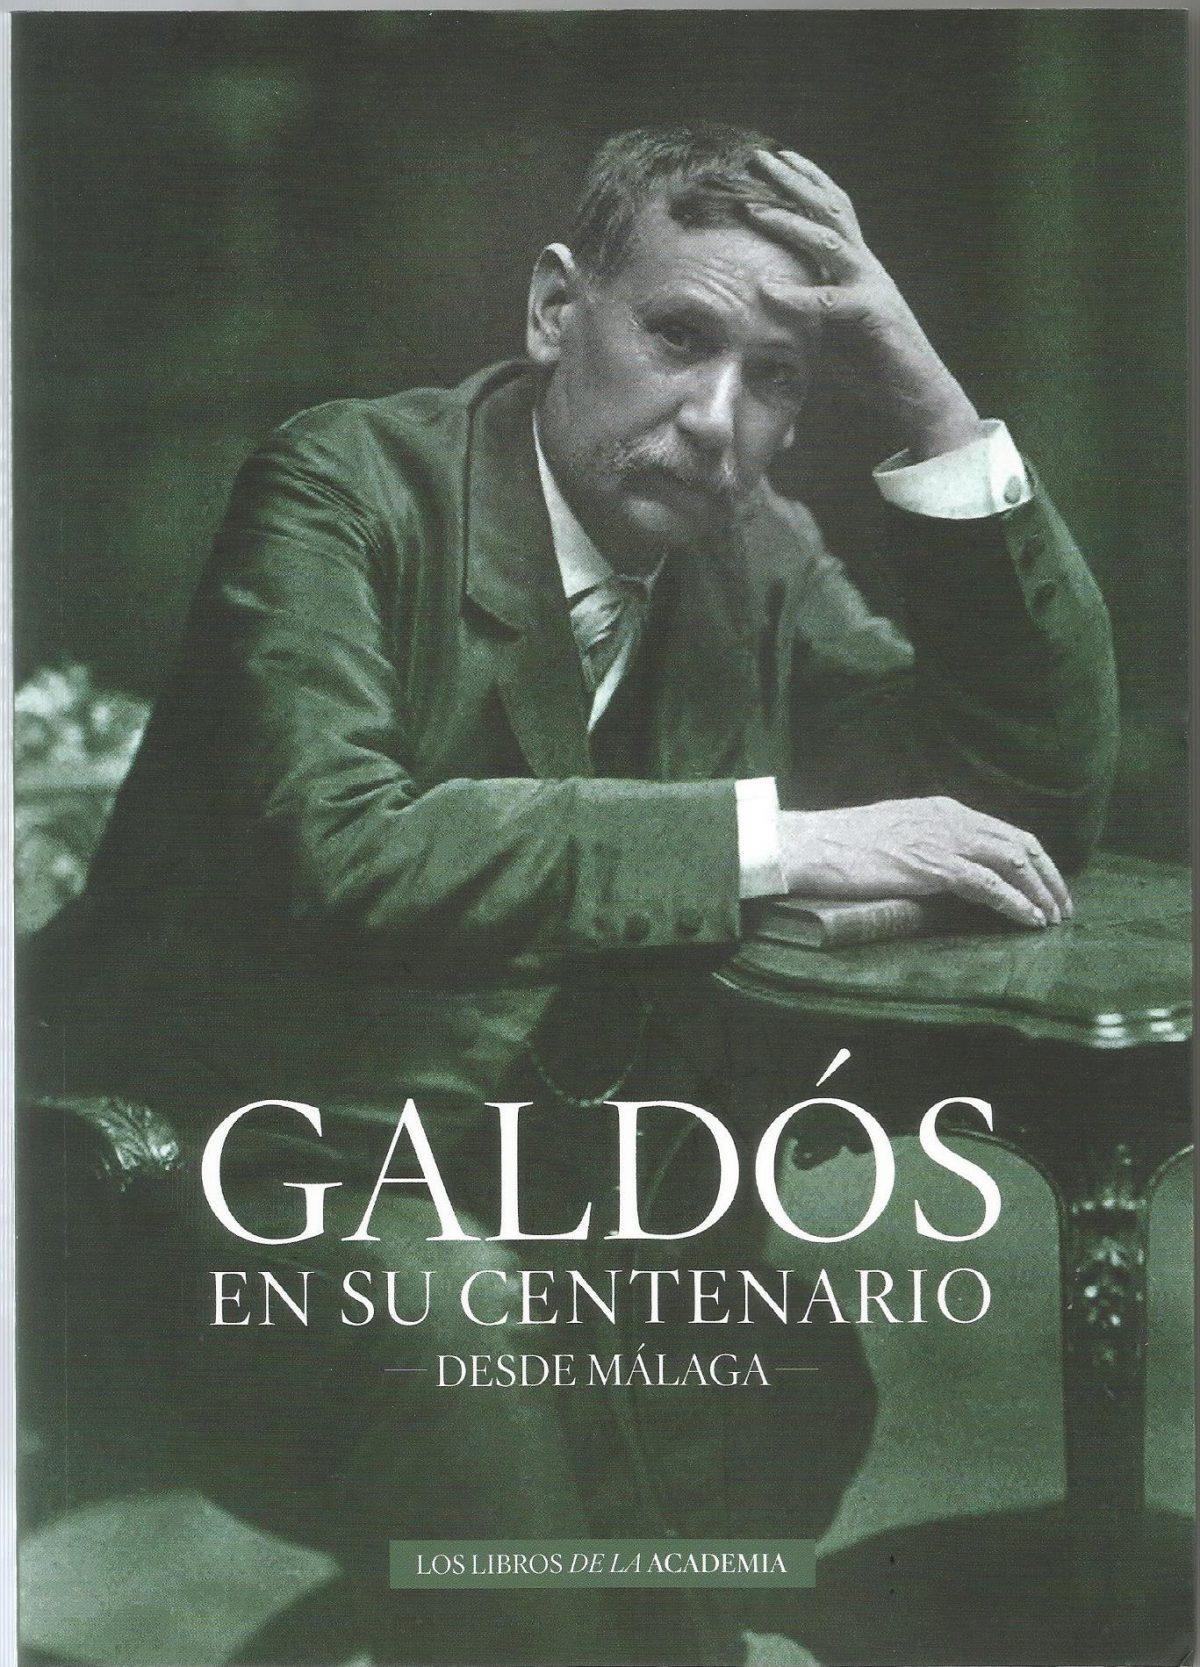 Galdós en su centenario – Desde Málaga